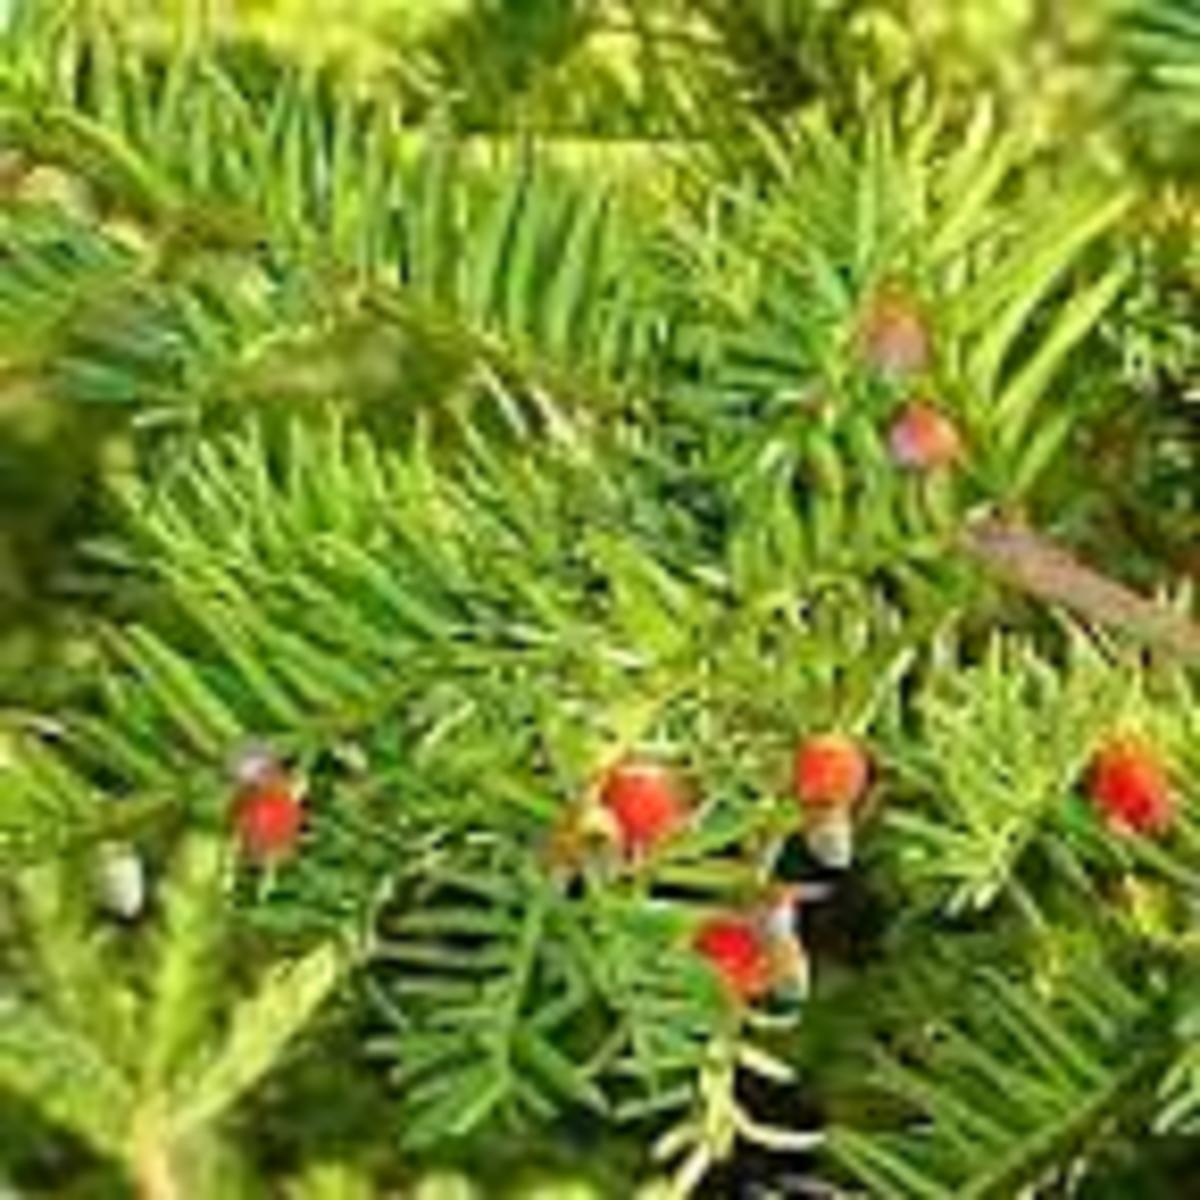 Amentotaxus assamica